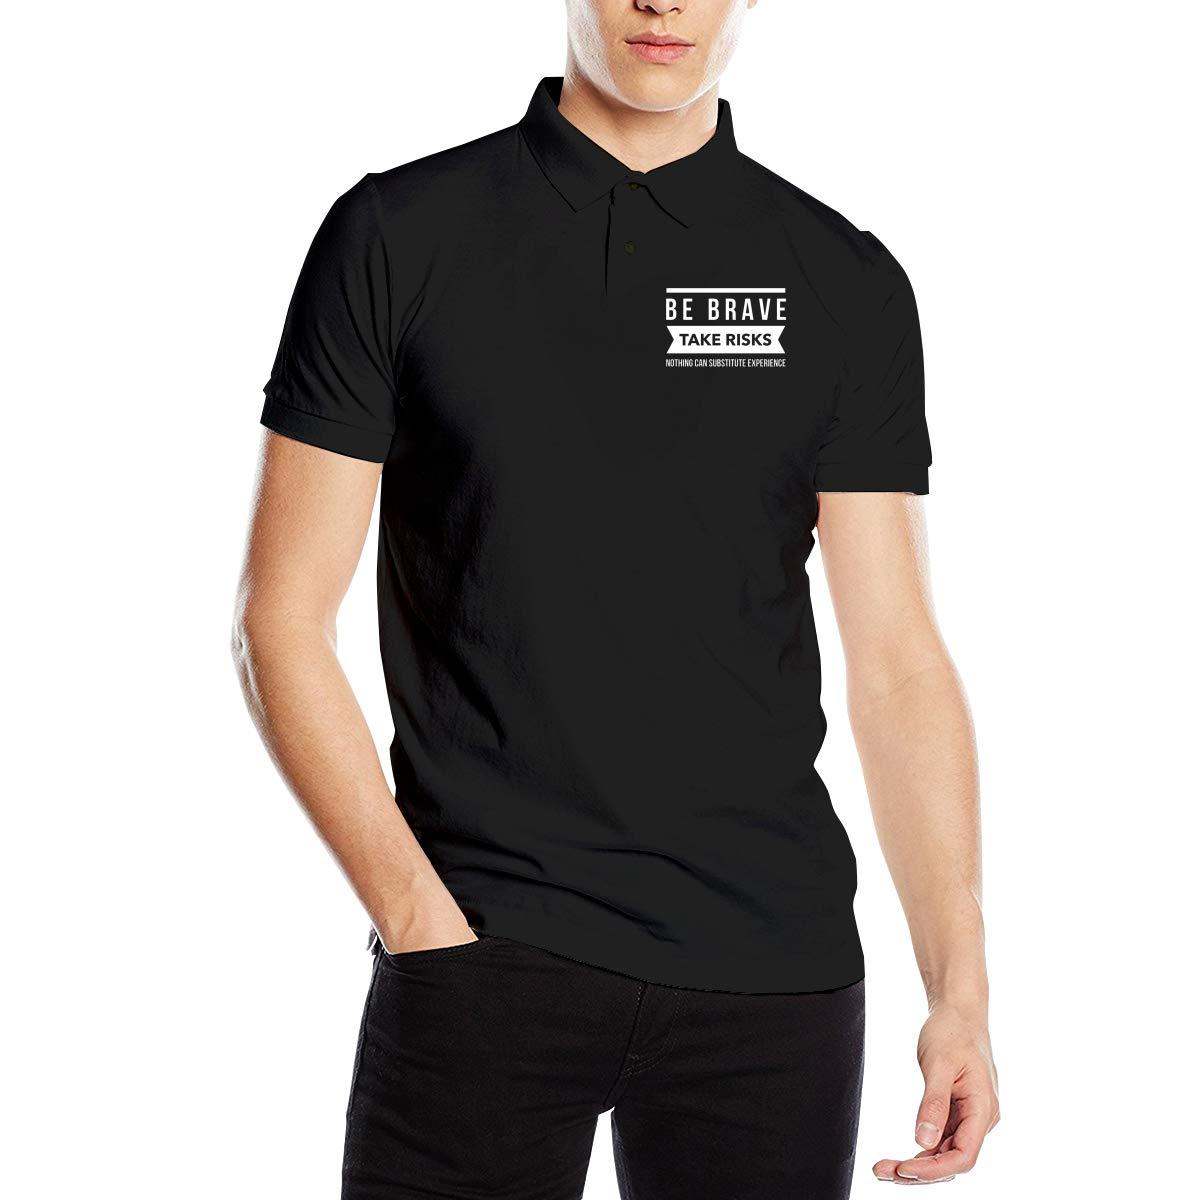 Cjlrqone Be Brave Take Risks Mens Personality Polo Shirts XL Black